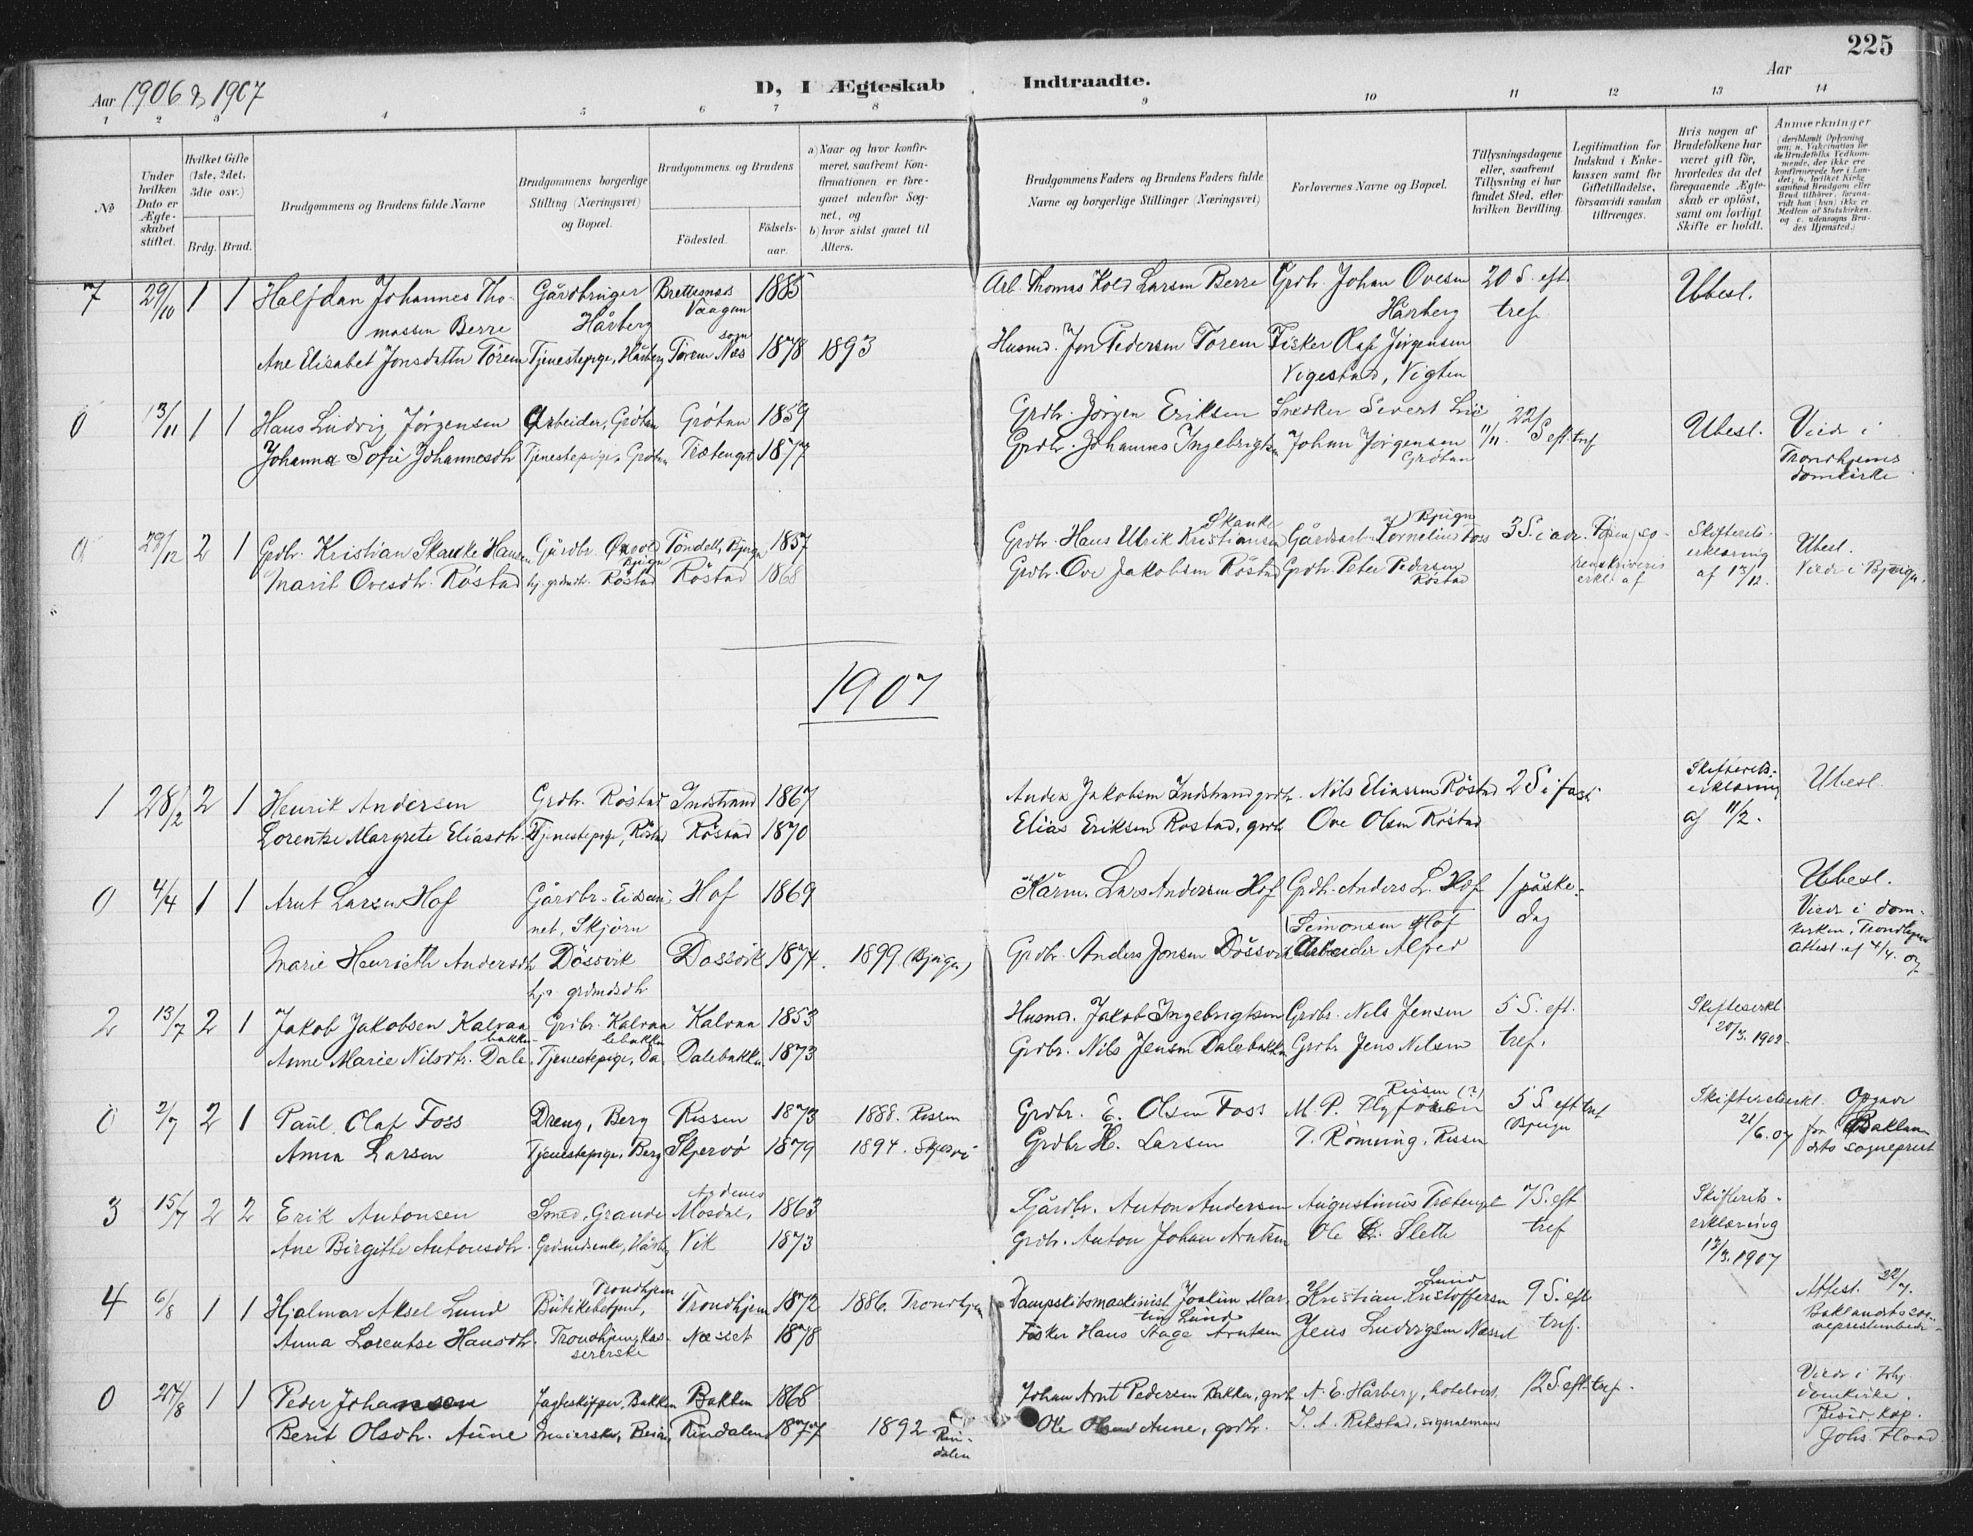 SAT, Ministerialprotokoller, klokkerbøker og fødselsregistre - Sør-Trøndelag, 659/L0743: Ministerialbok nr. 659A13, 1893-1910, s. 225